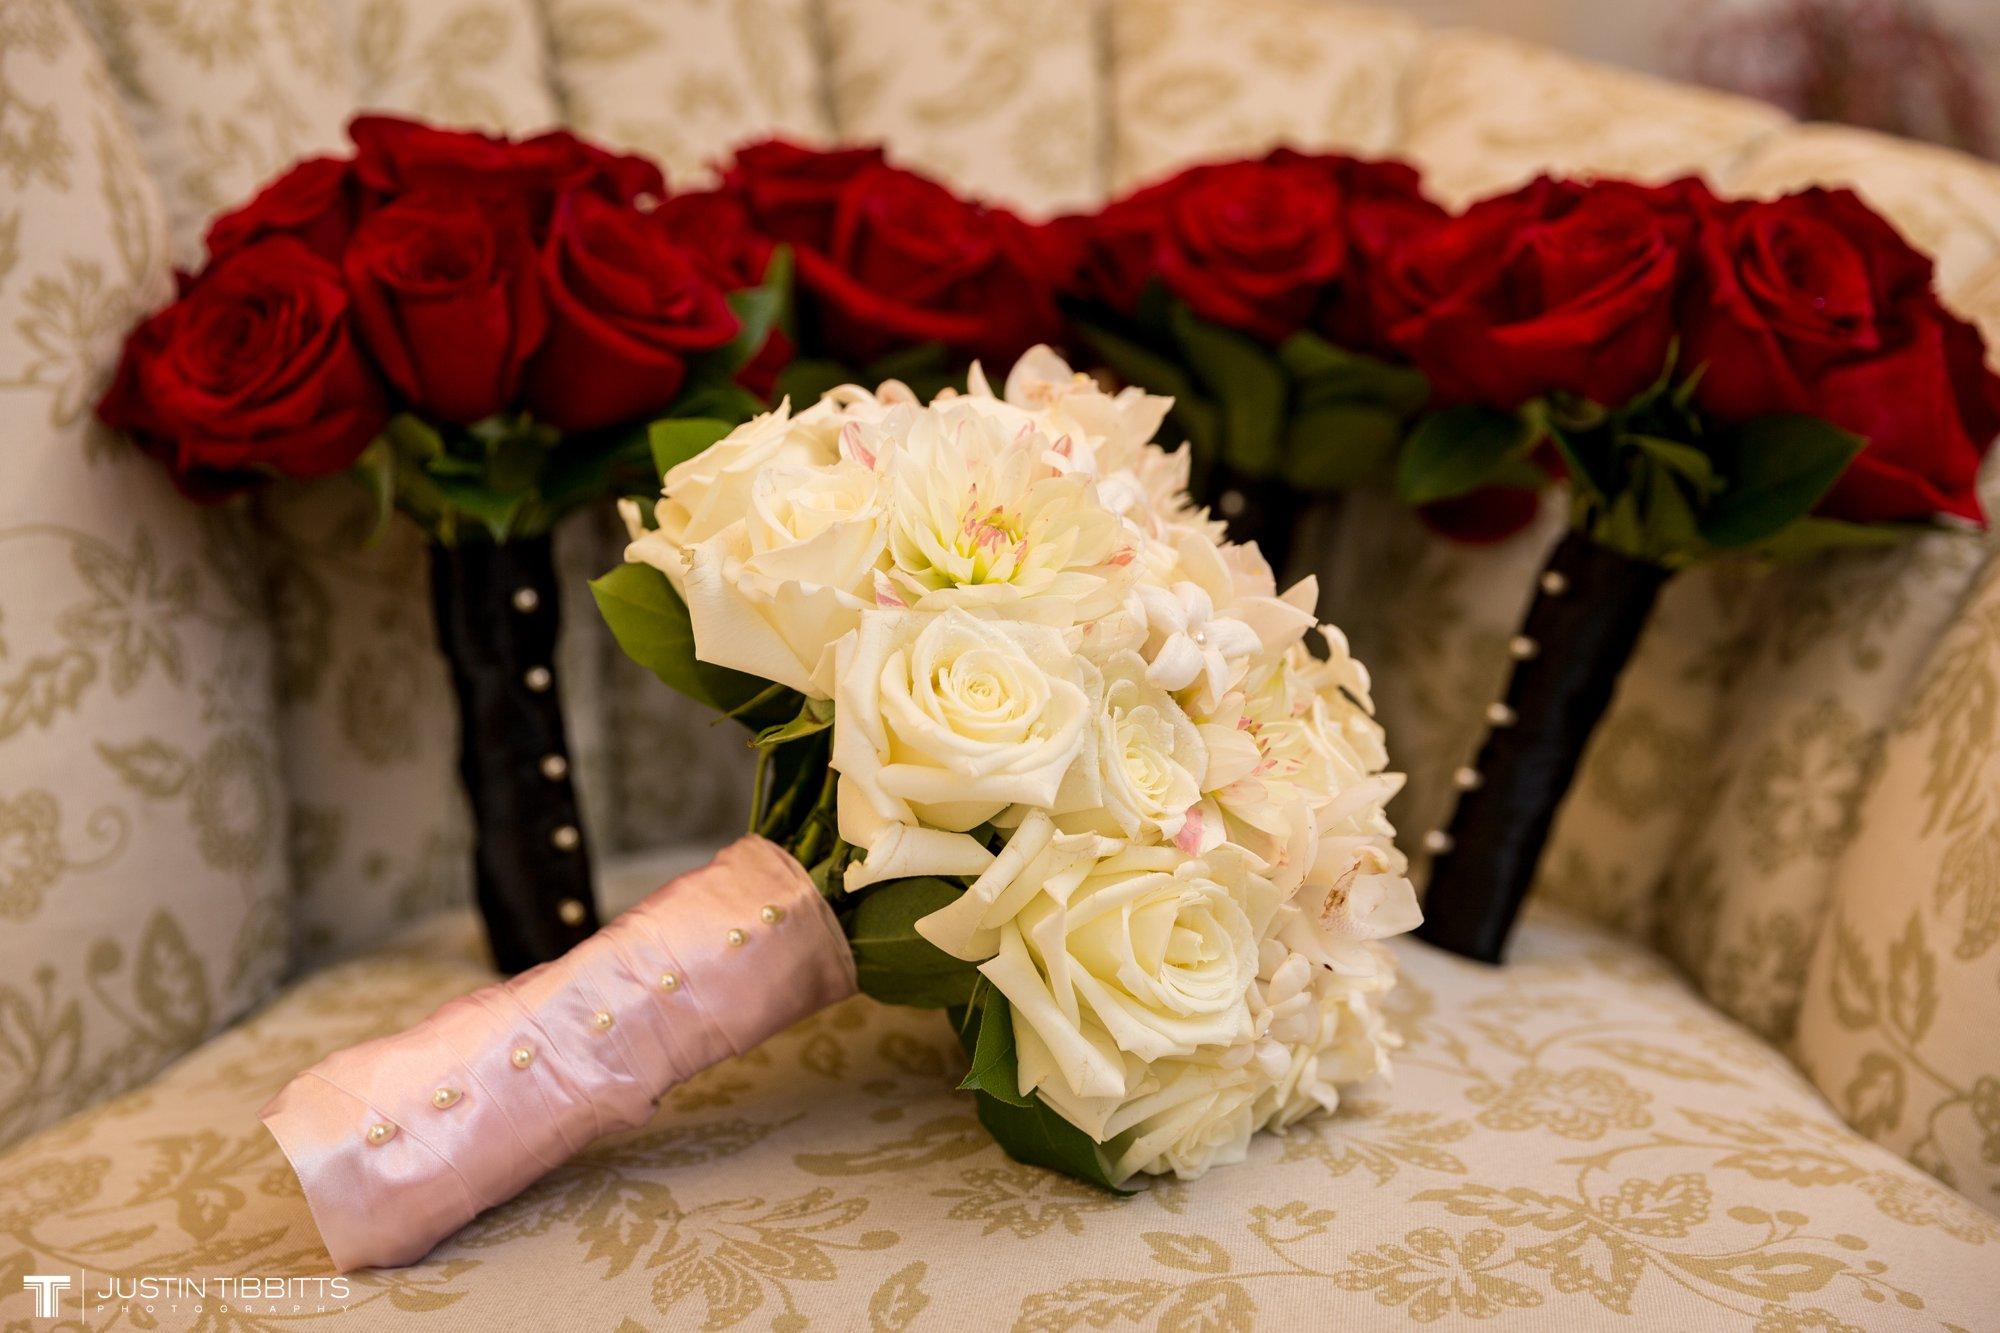 Albany NY Wedding Photographer Justin Tibbitts Photography 2014 Best of Albany NY Weddings-15574451039610